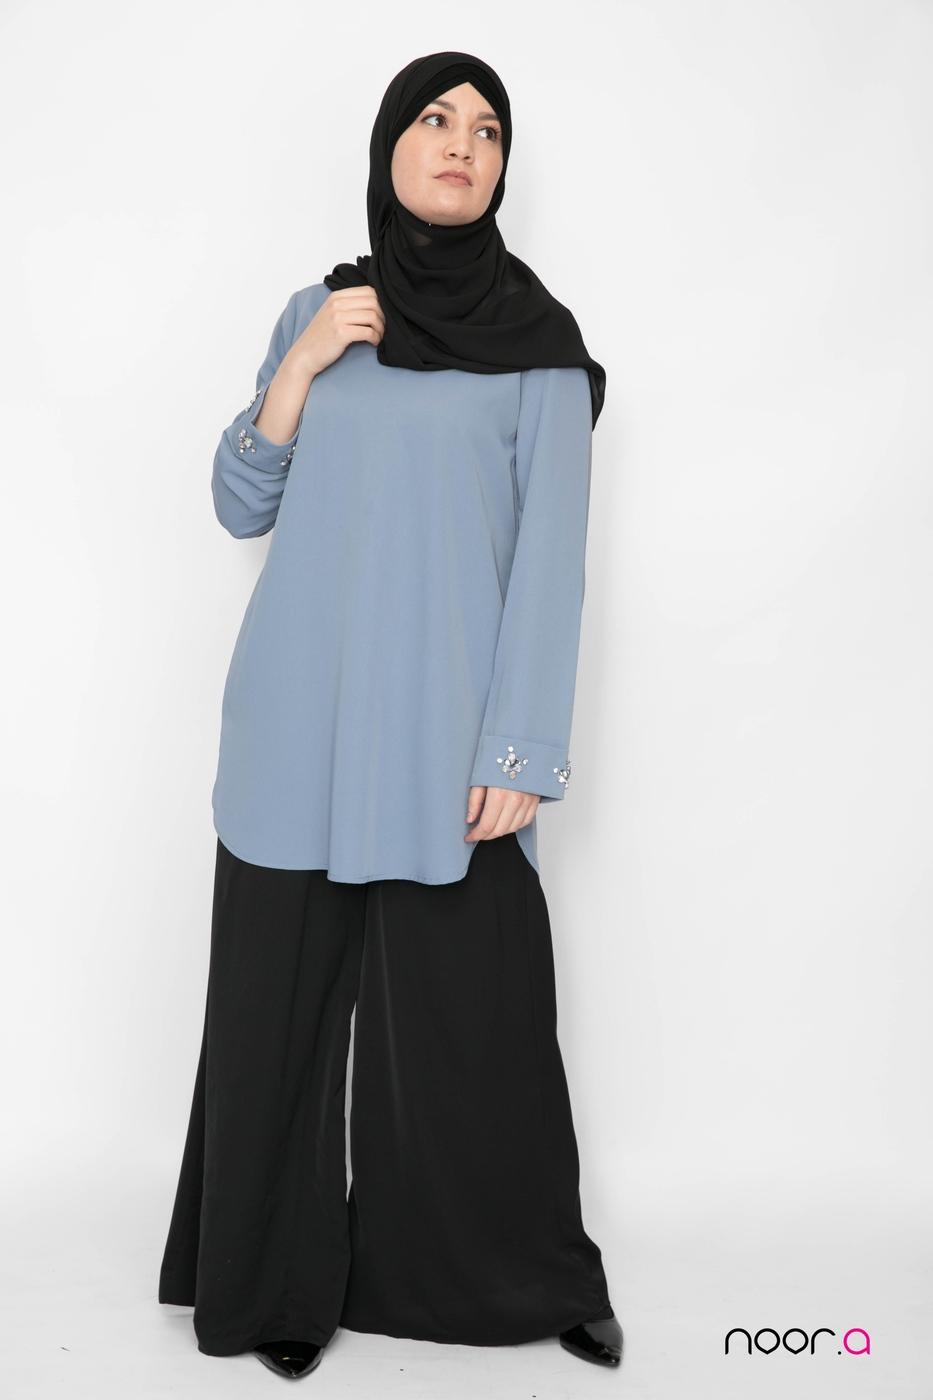 pantalon-large-pour-hijab-noir-fluide-tunique-bijoux-bleu-acier-hijab-mousseline-de-luxe-noir (5)